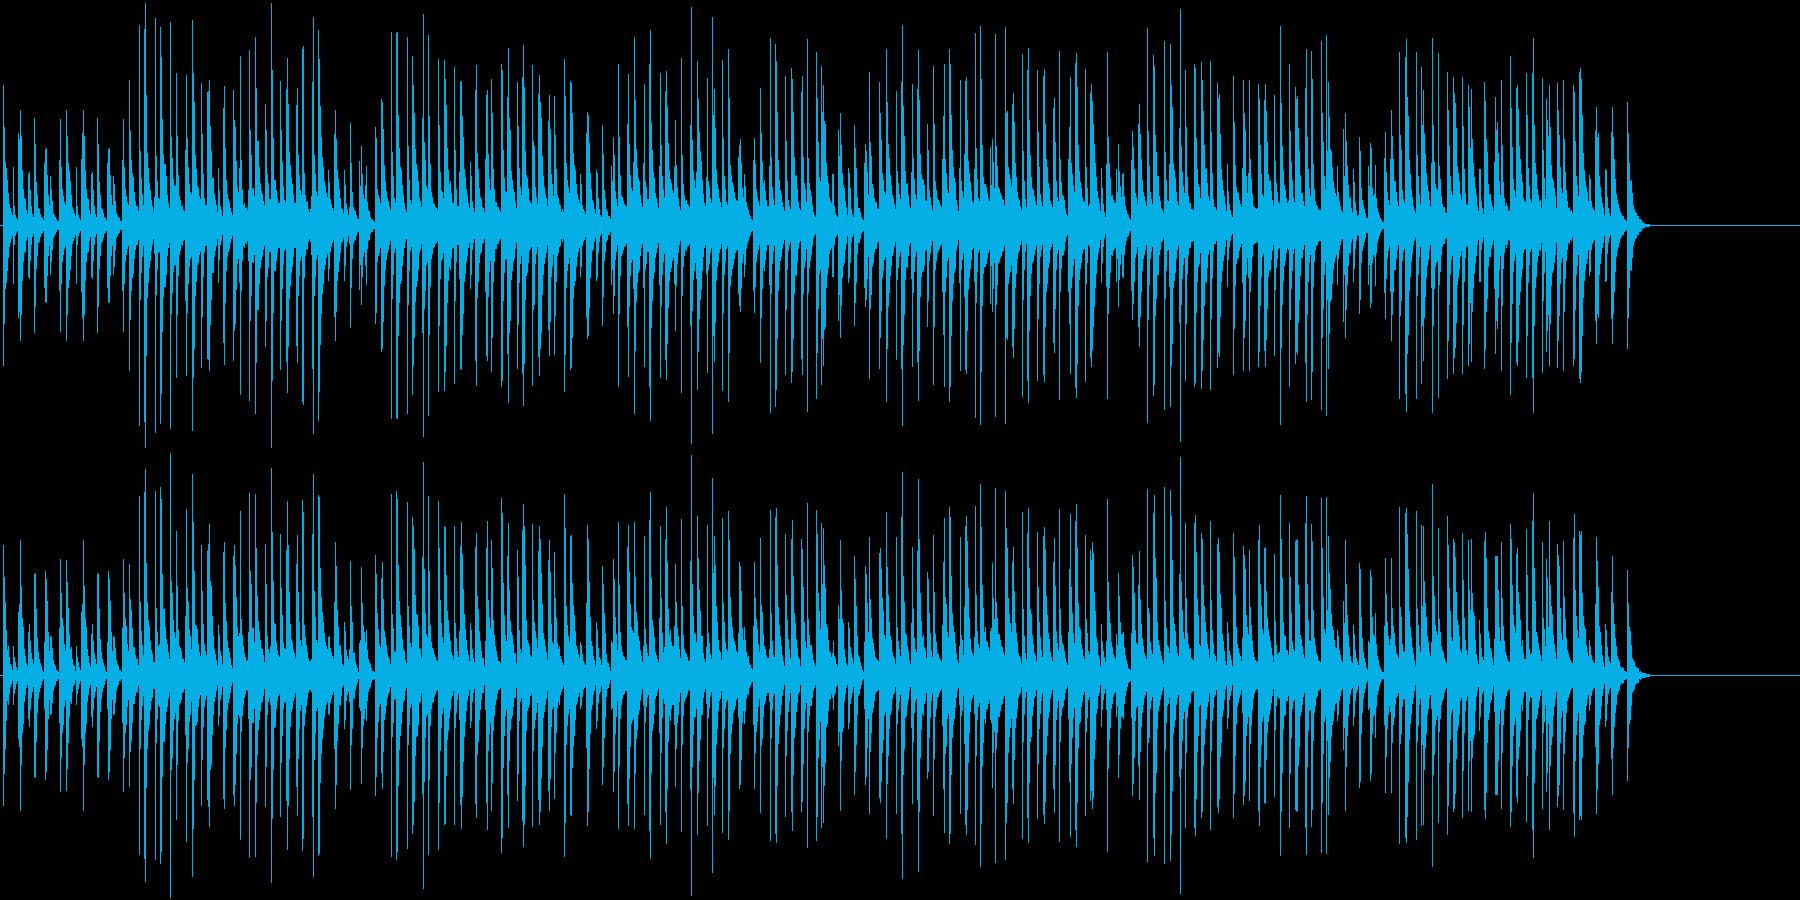 日本のお祭りっぽいおちゃらけたBGMの再生済みの波形